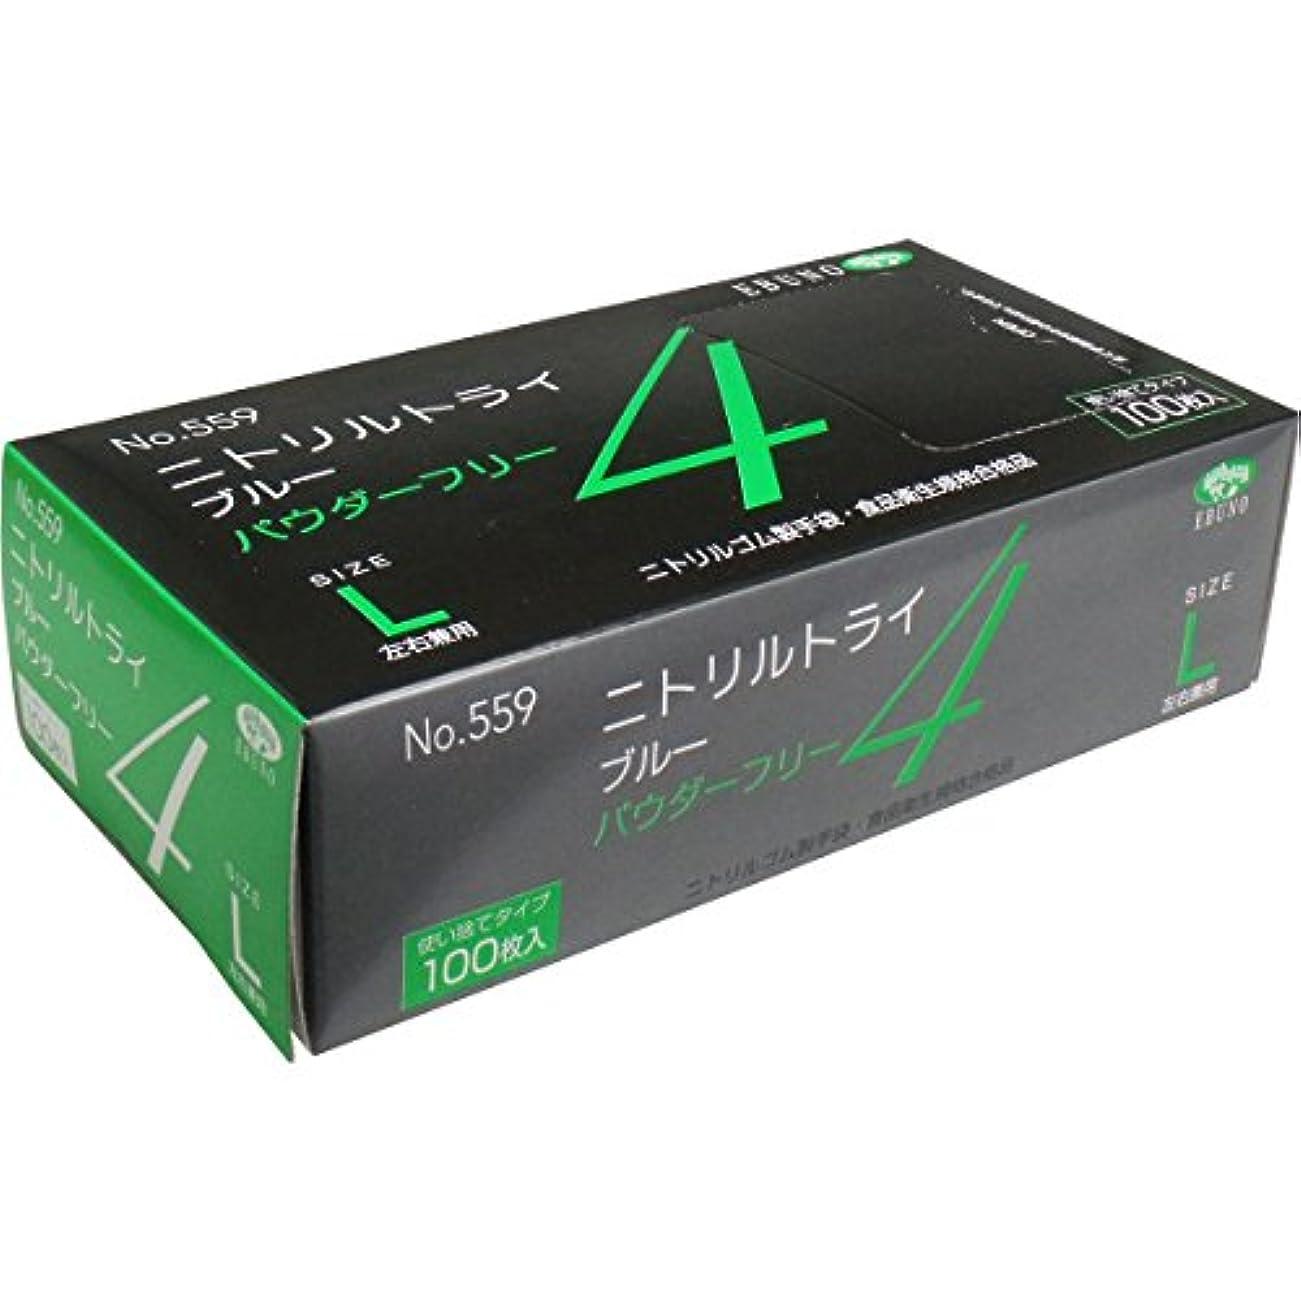 ニトリルトライ4 №559 ブルー 粉無 Lサイズ 100枚入